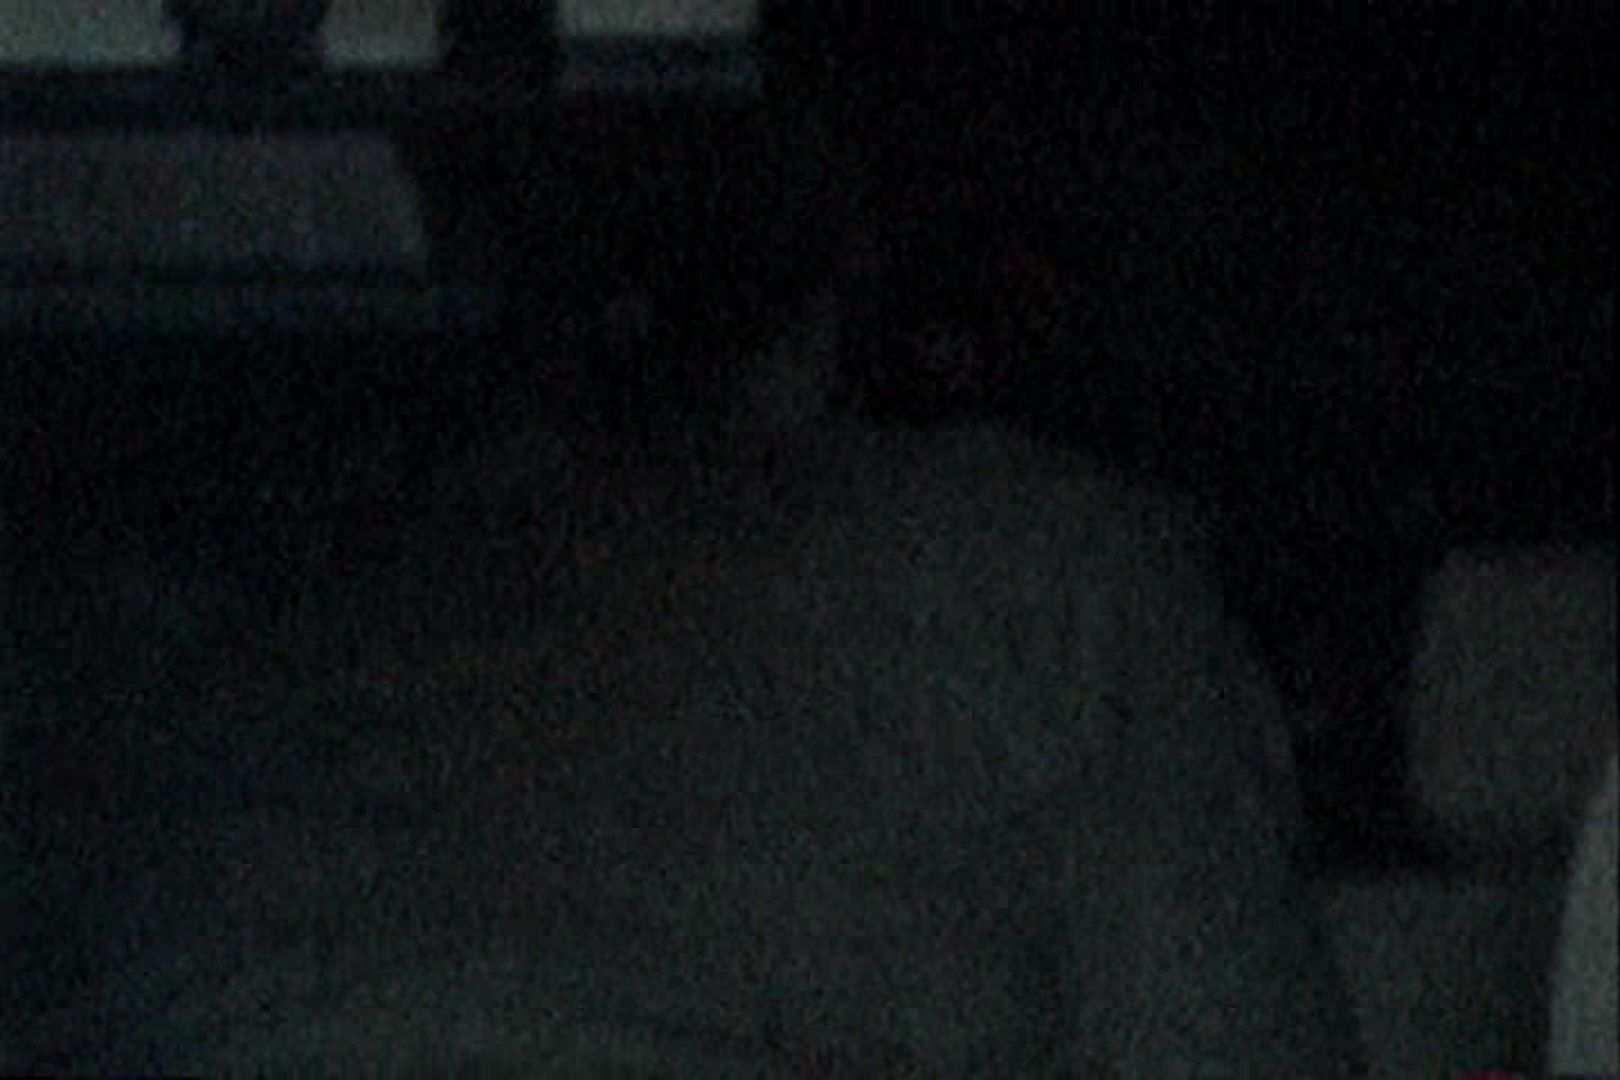 充血監督の深夜の運動会Vol.142 おまんこ丸見え | OL女体  103連発 89